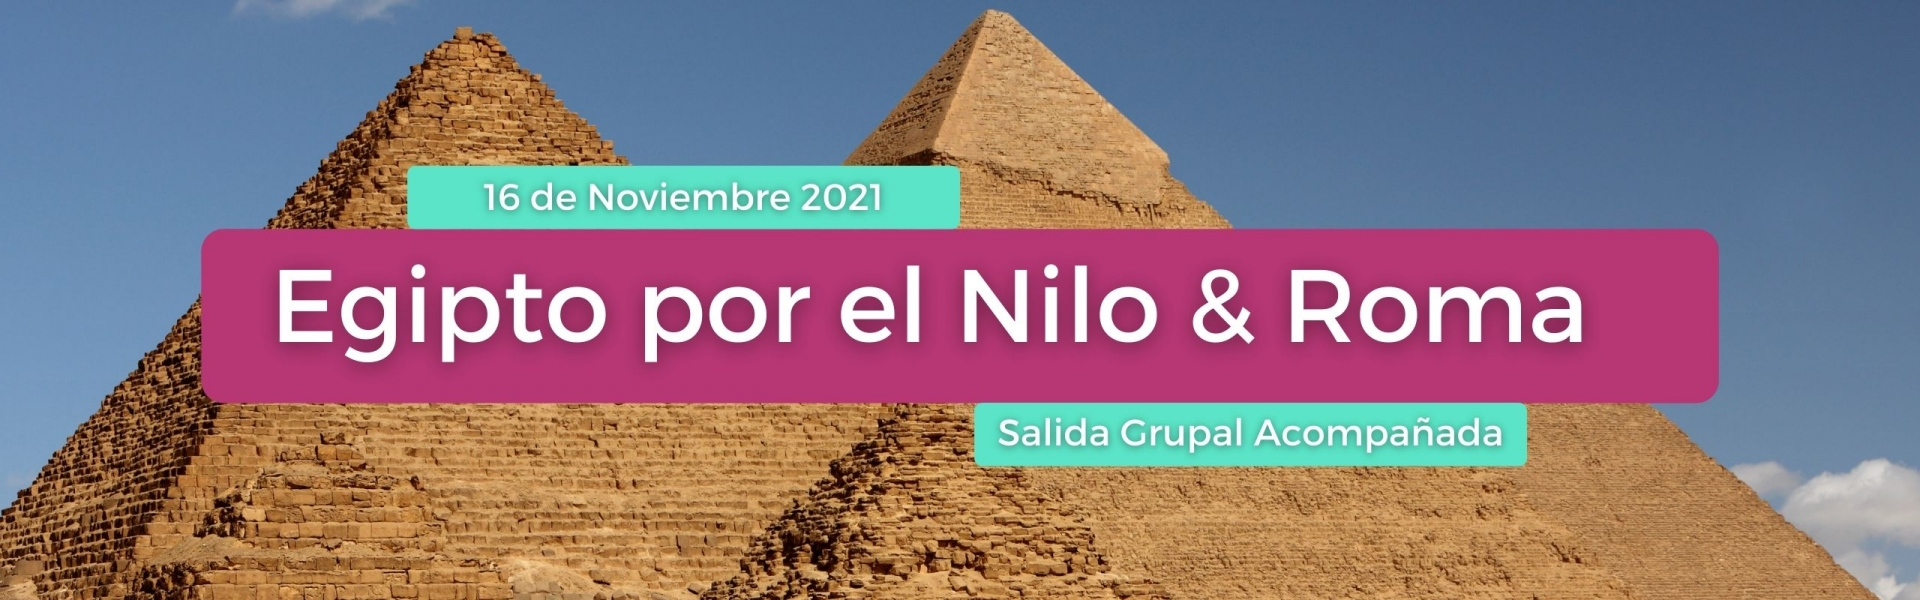 Egipto por el Nilo & Roma